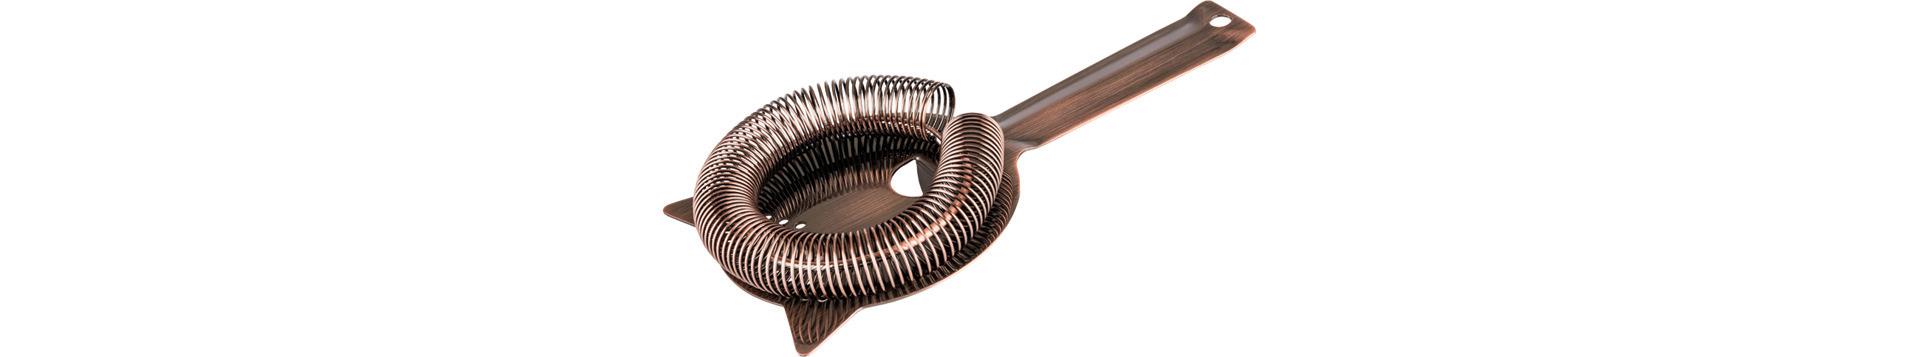 Barsieb 90 x 90 mm Griff 90 mm Edelstahl Antik-Kupfer-Look